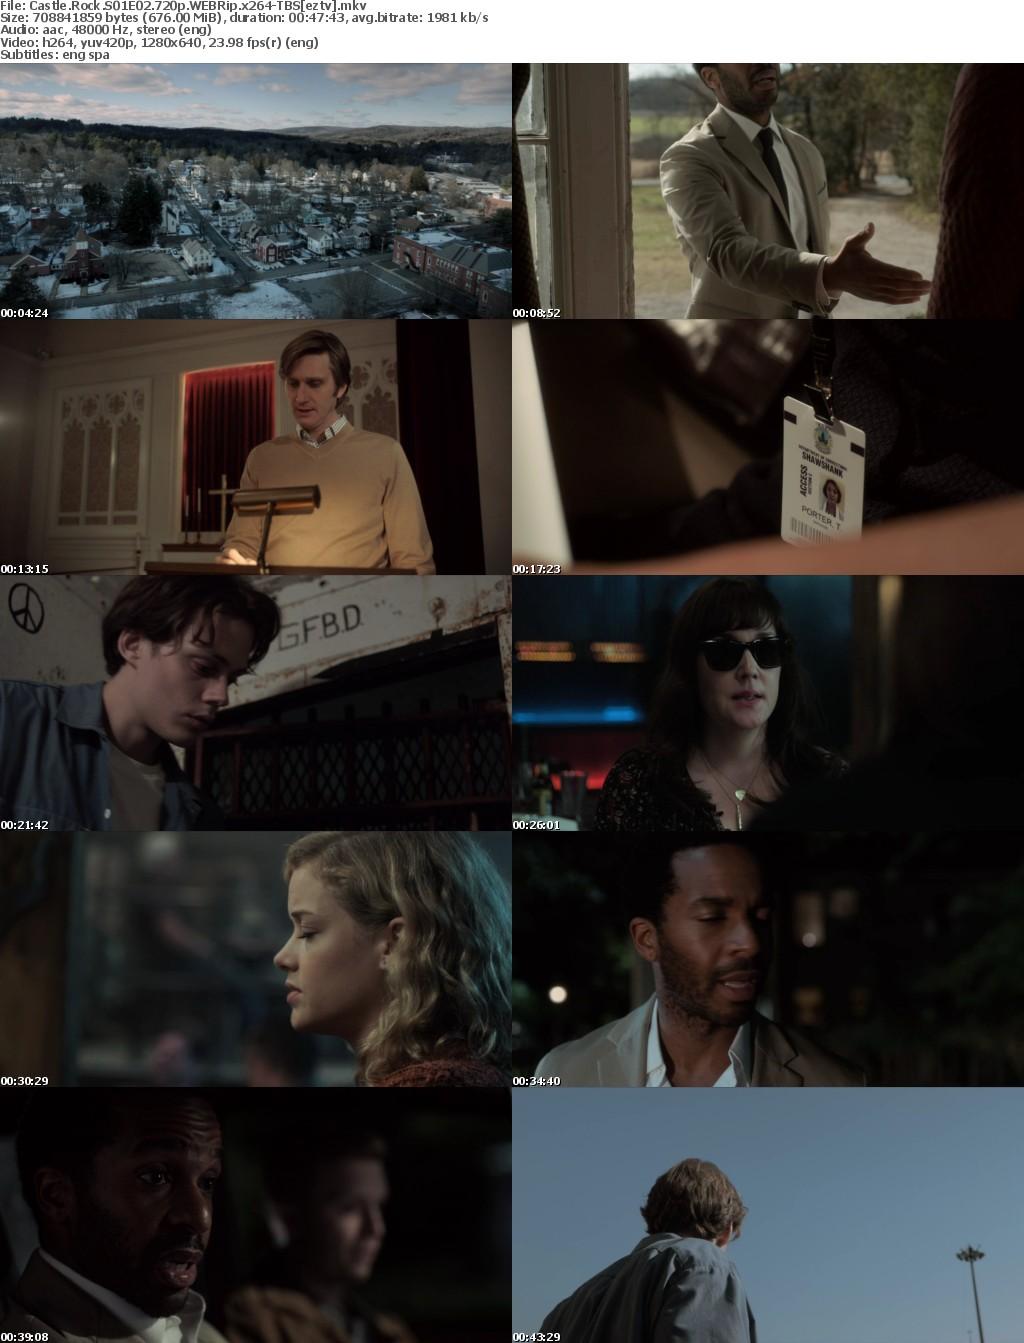 Castle Rock S01E02 720p WEBRip x264-TBS